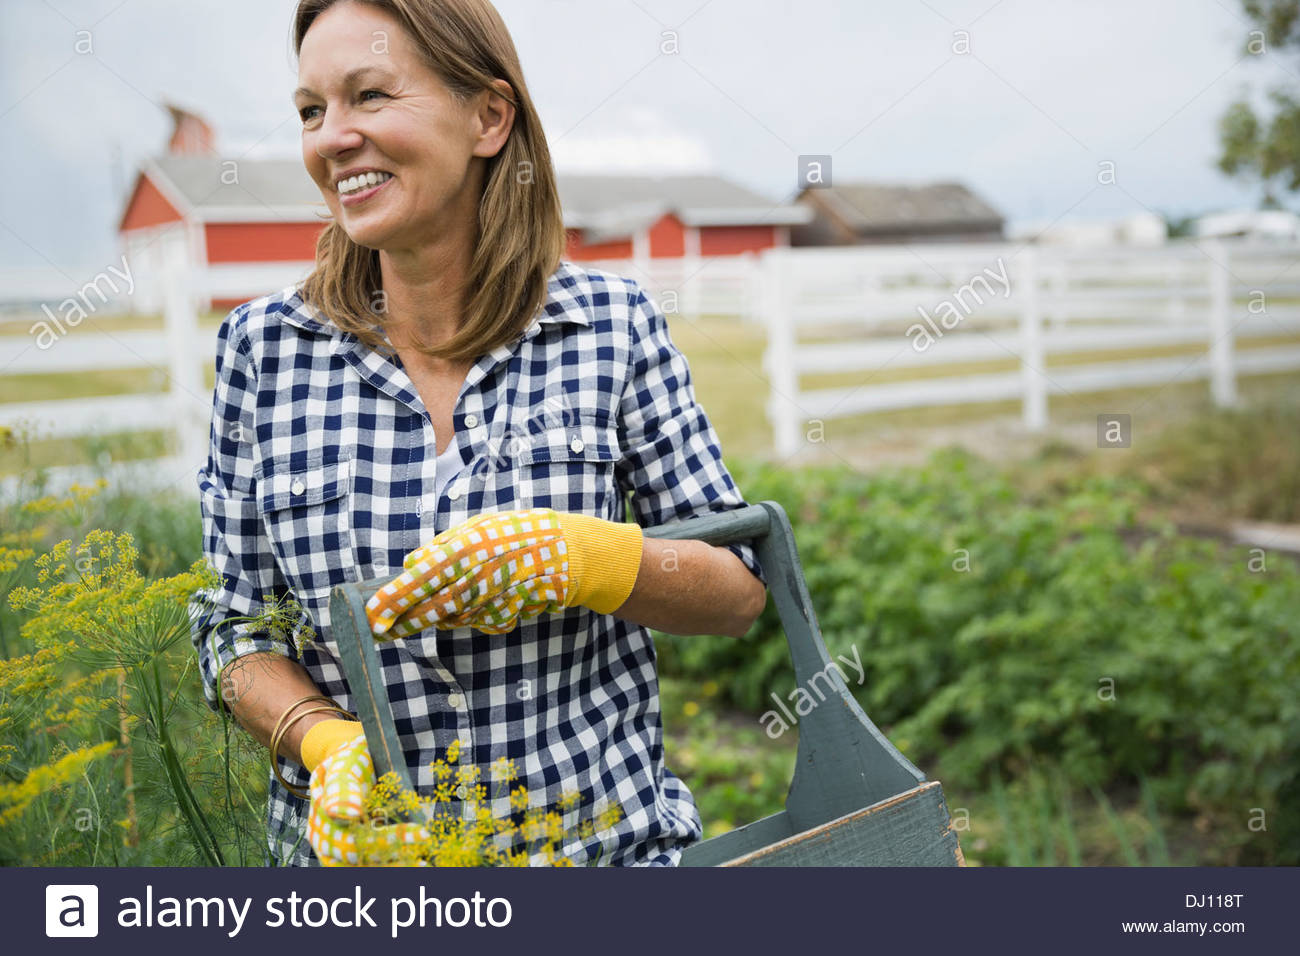 Woman standing in garden Photo Stock